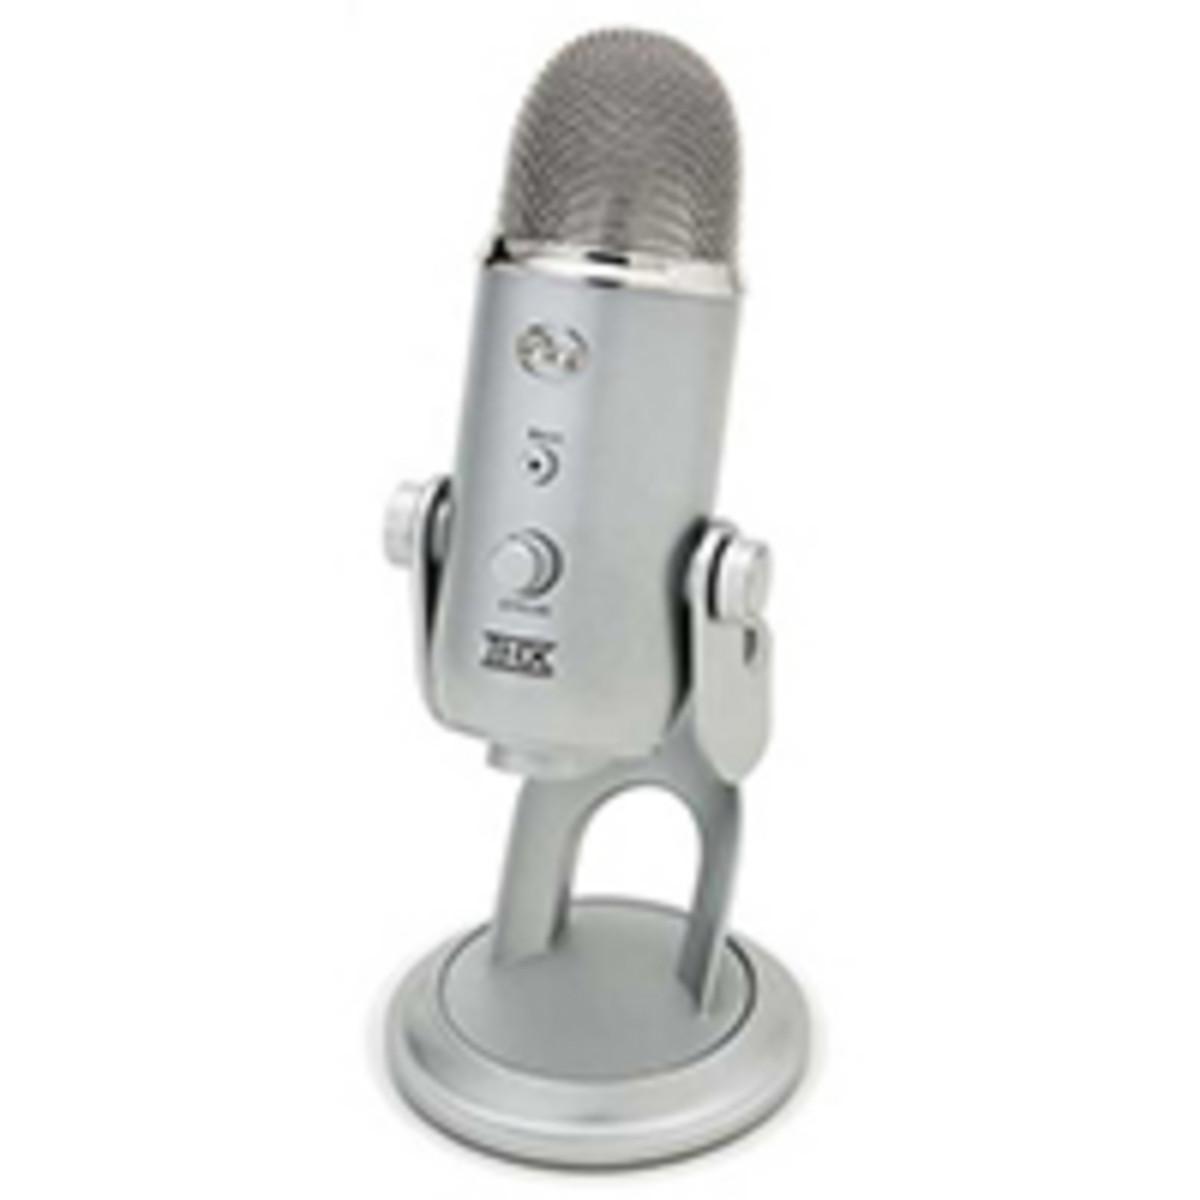 Mikrofon För Att Spela In Musik